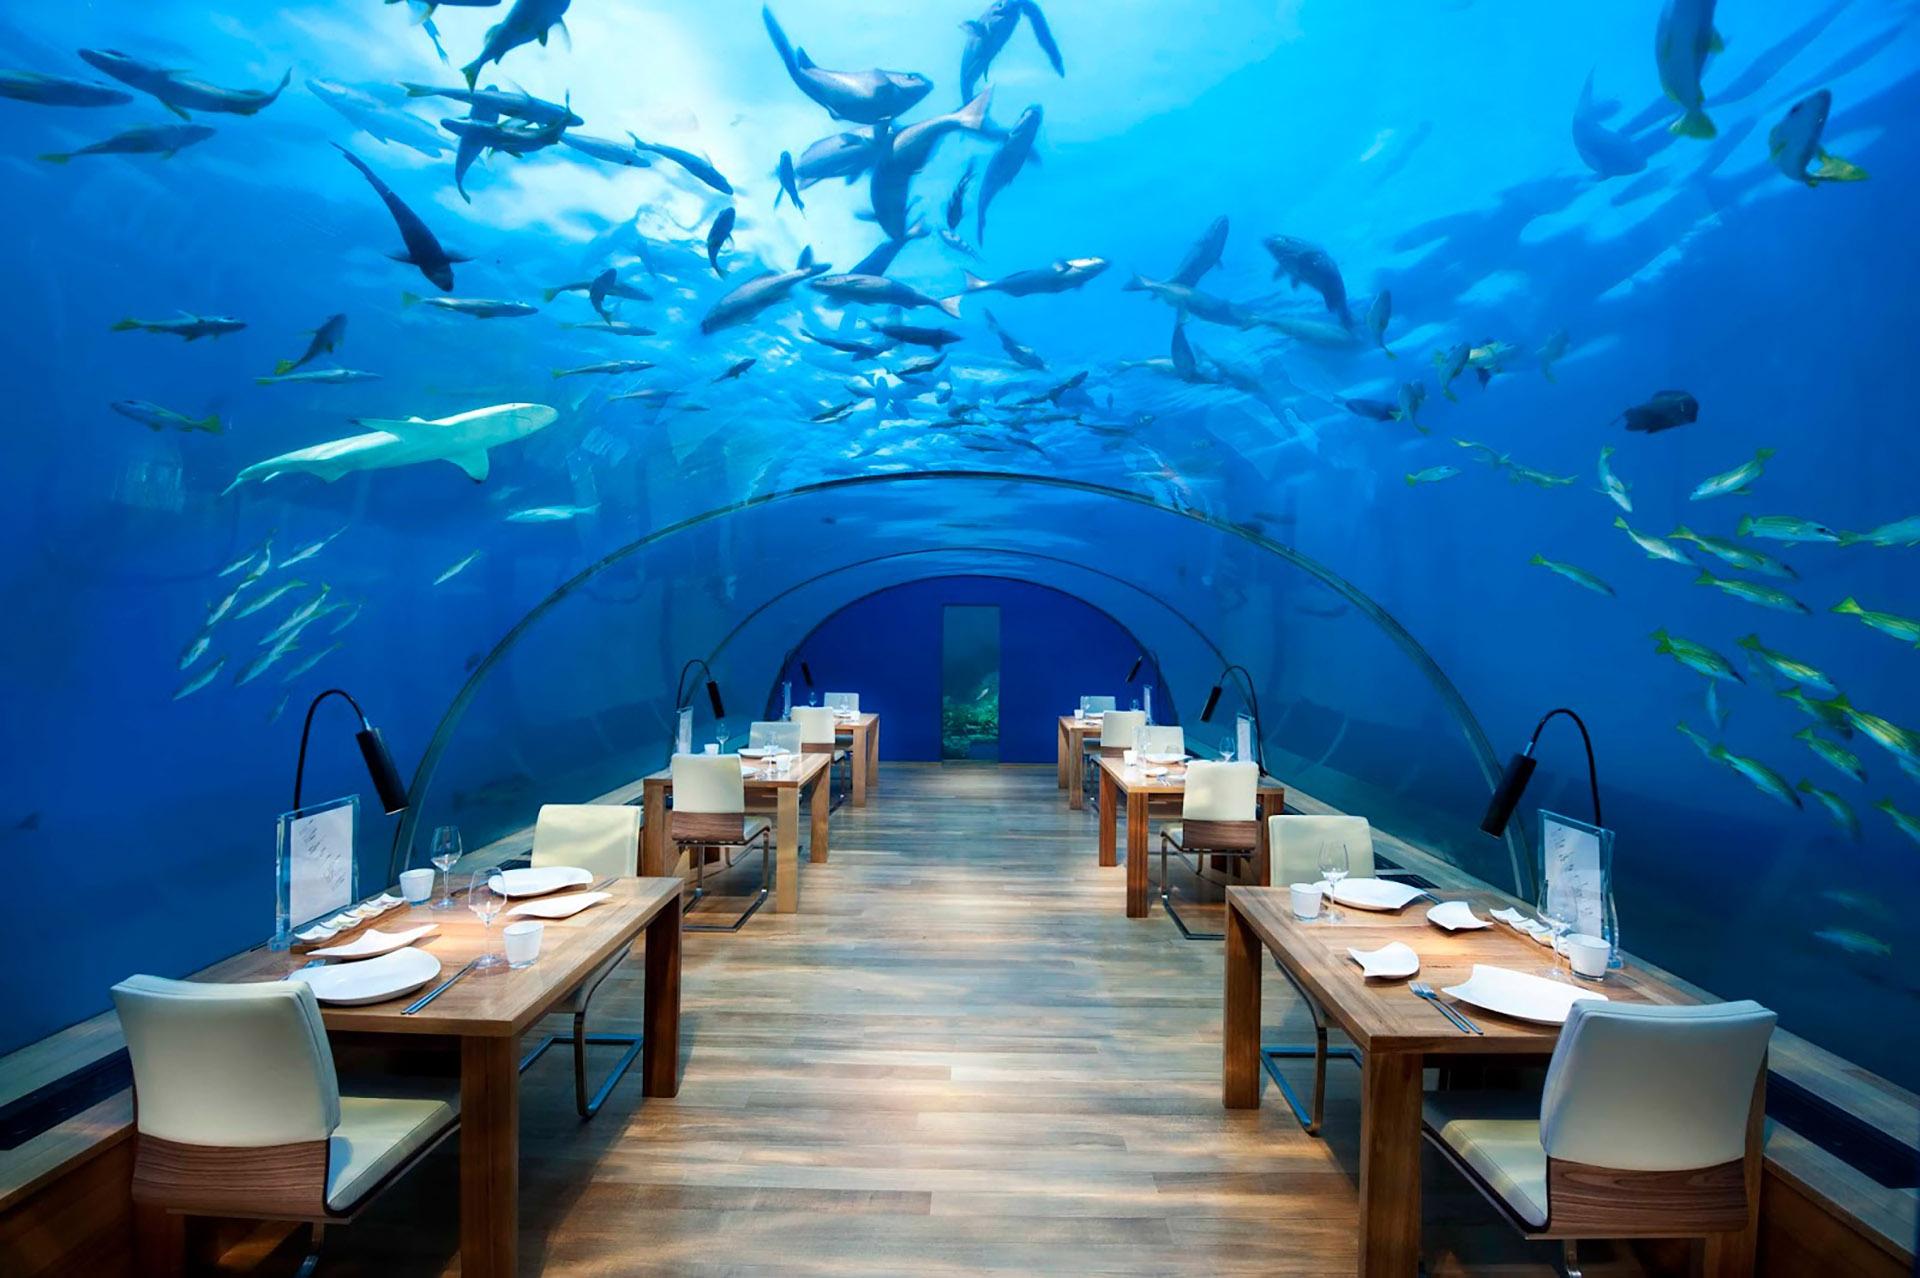 destinații subacvatice